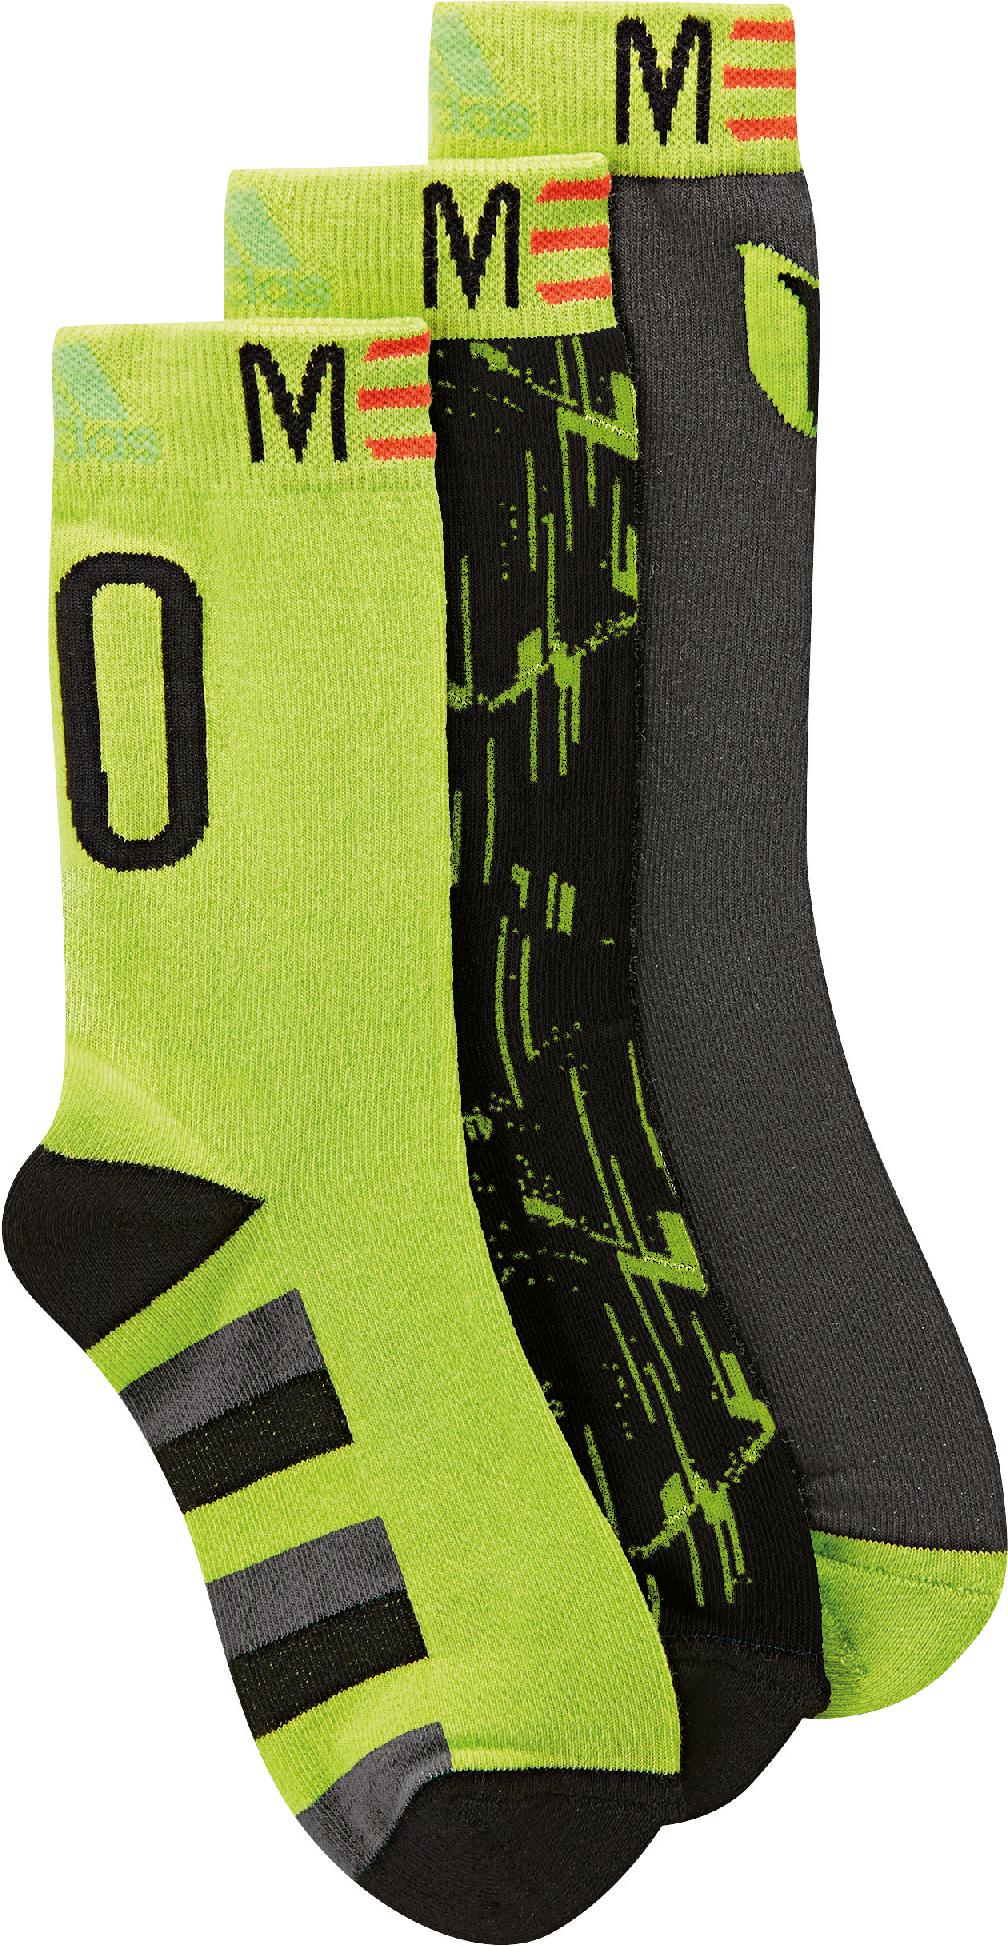 Kinder Messi Socken